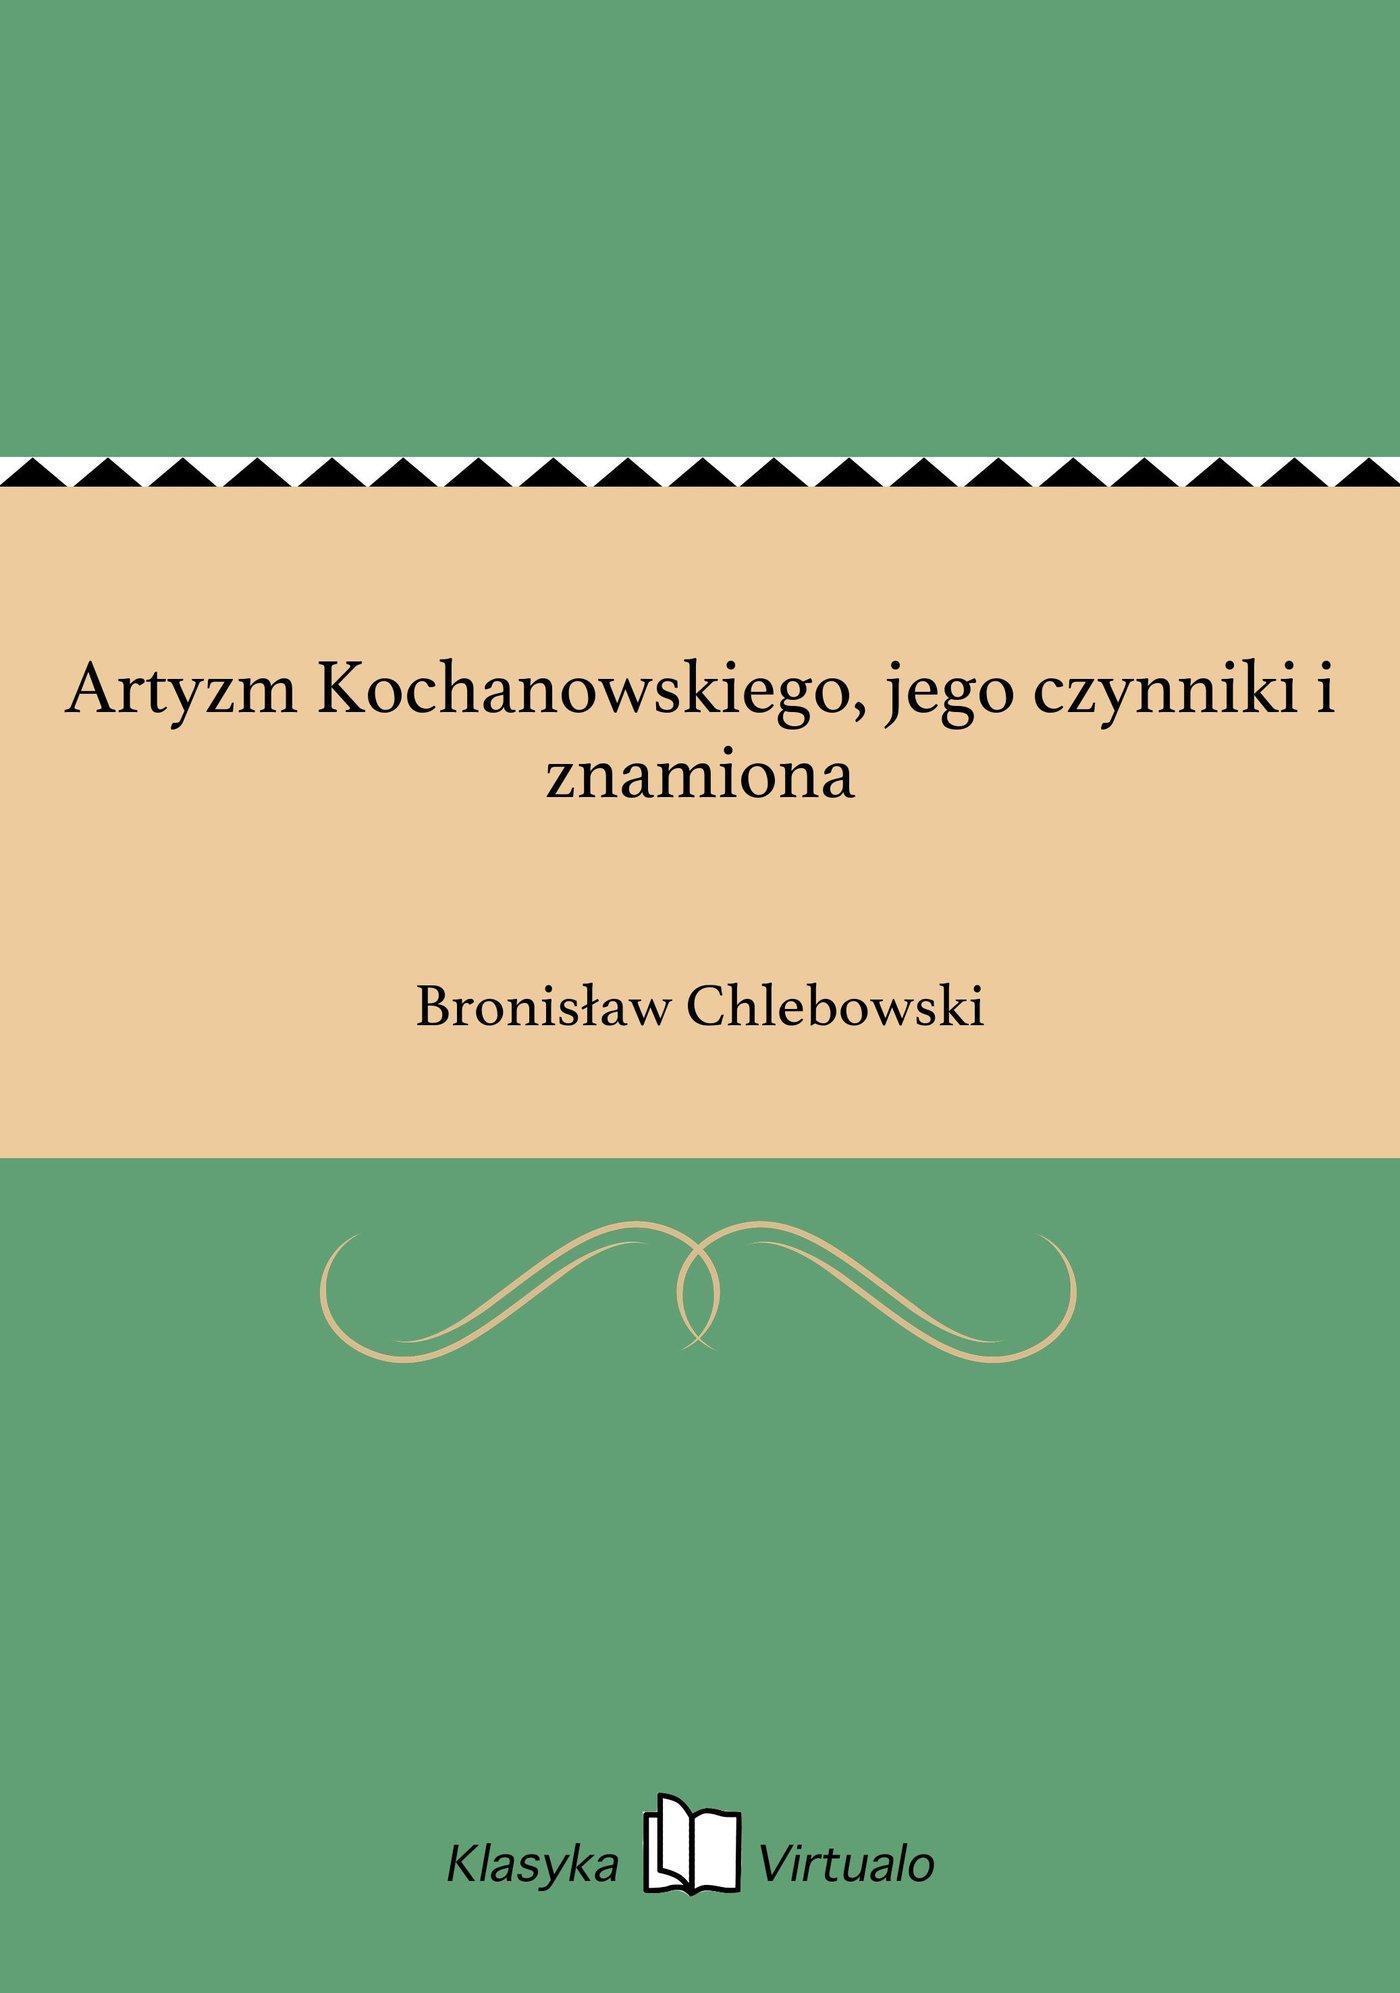 Artyzm Kochanowskiego, jego czynniki i znamiona - Ebook (Książka EPUB) do pobrania w formacie EPUB